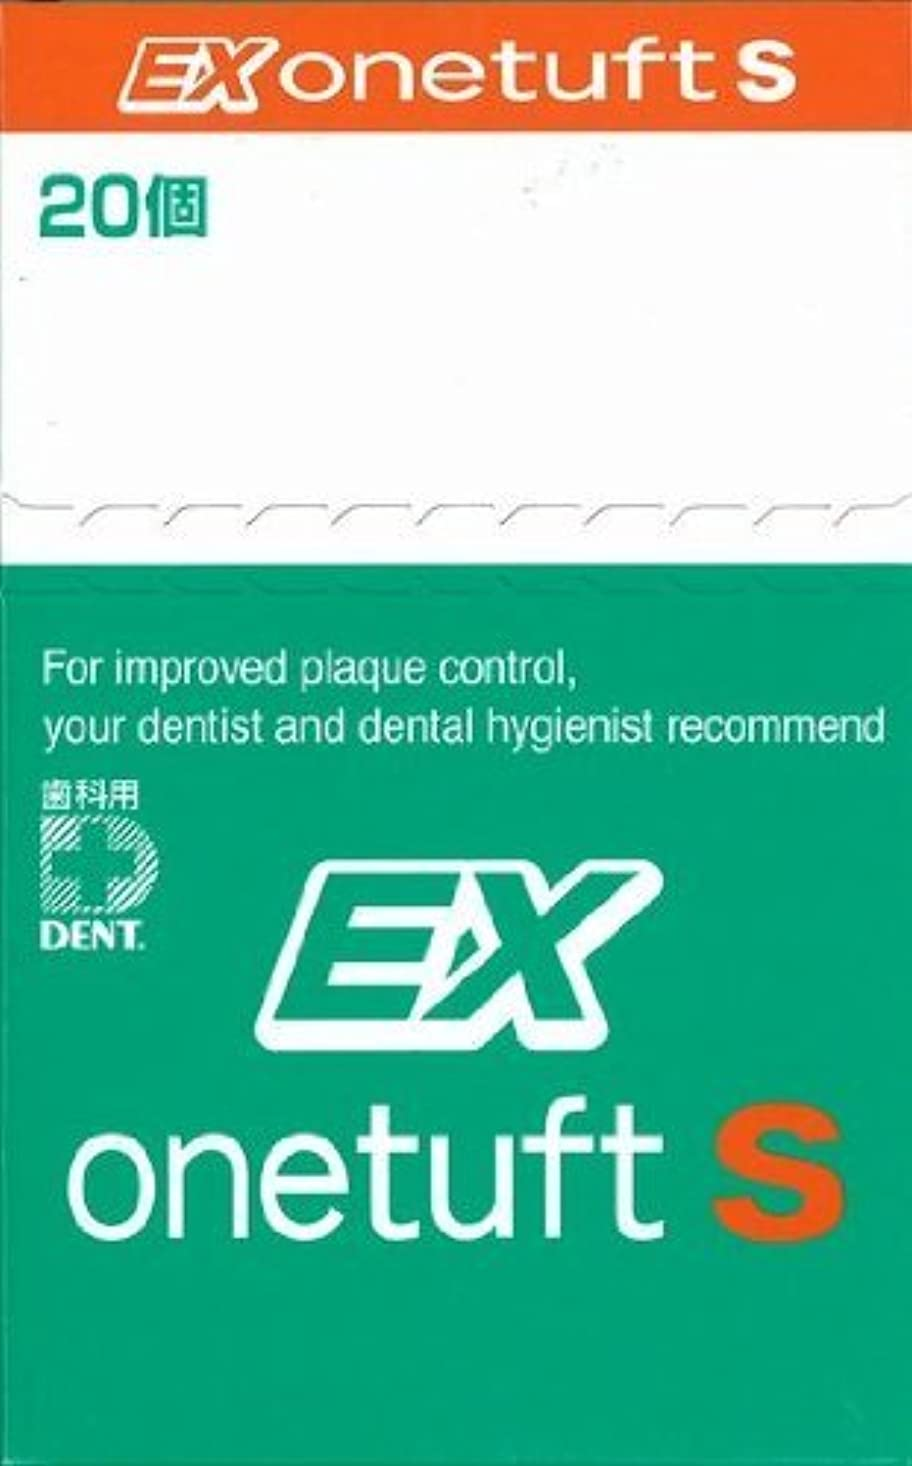 インセンティブ混合した緯度デント EX onetuft S 歯ブラシ 20本入